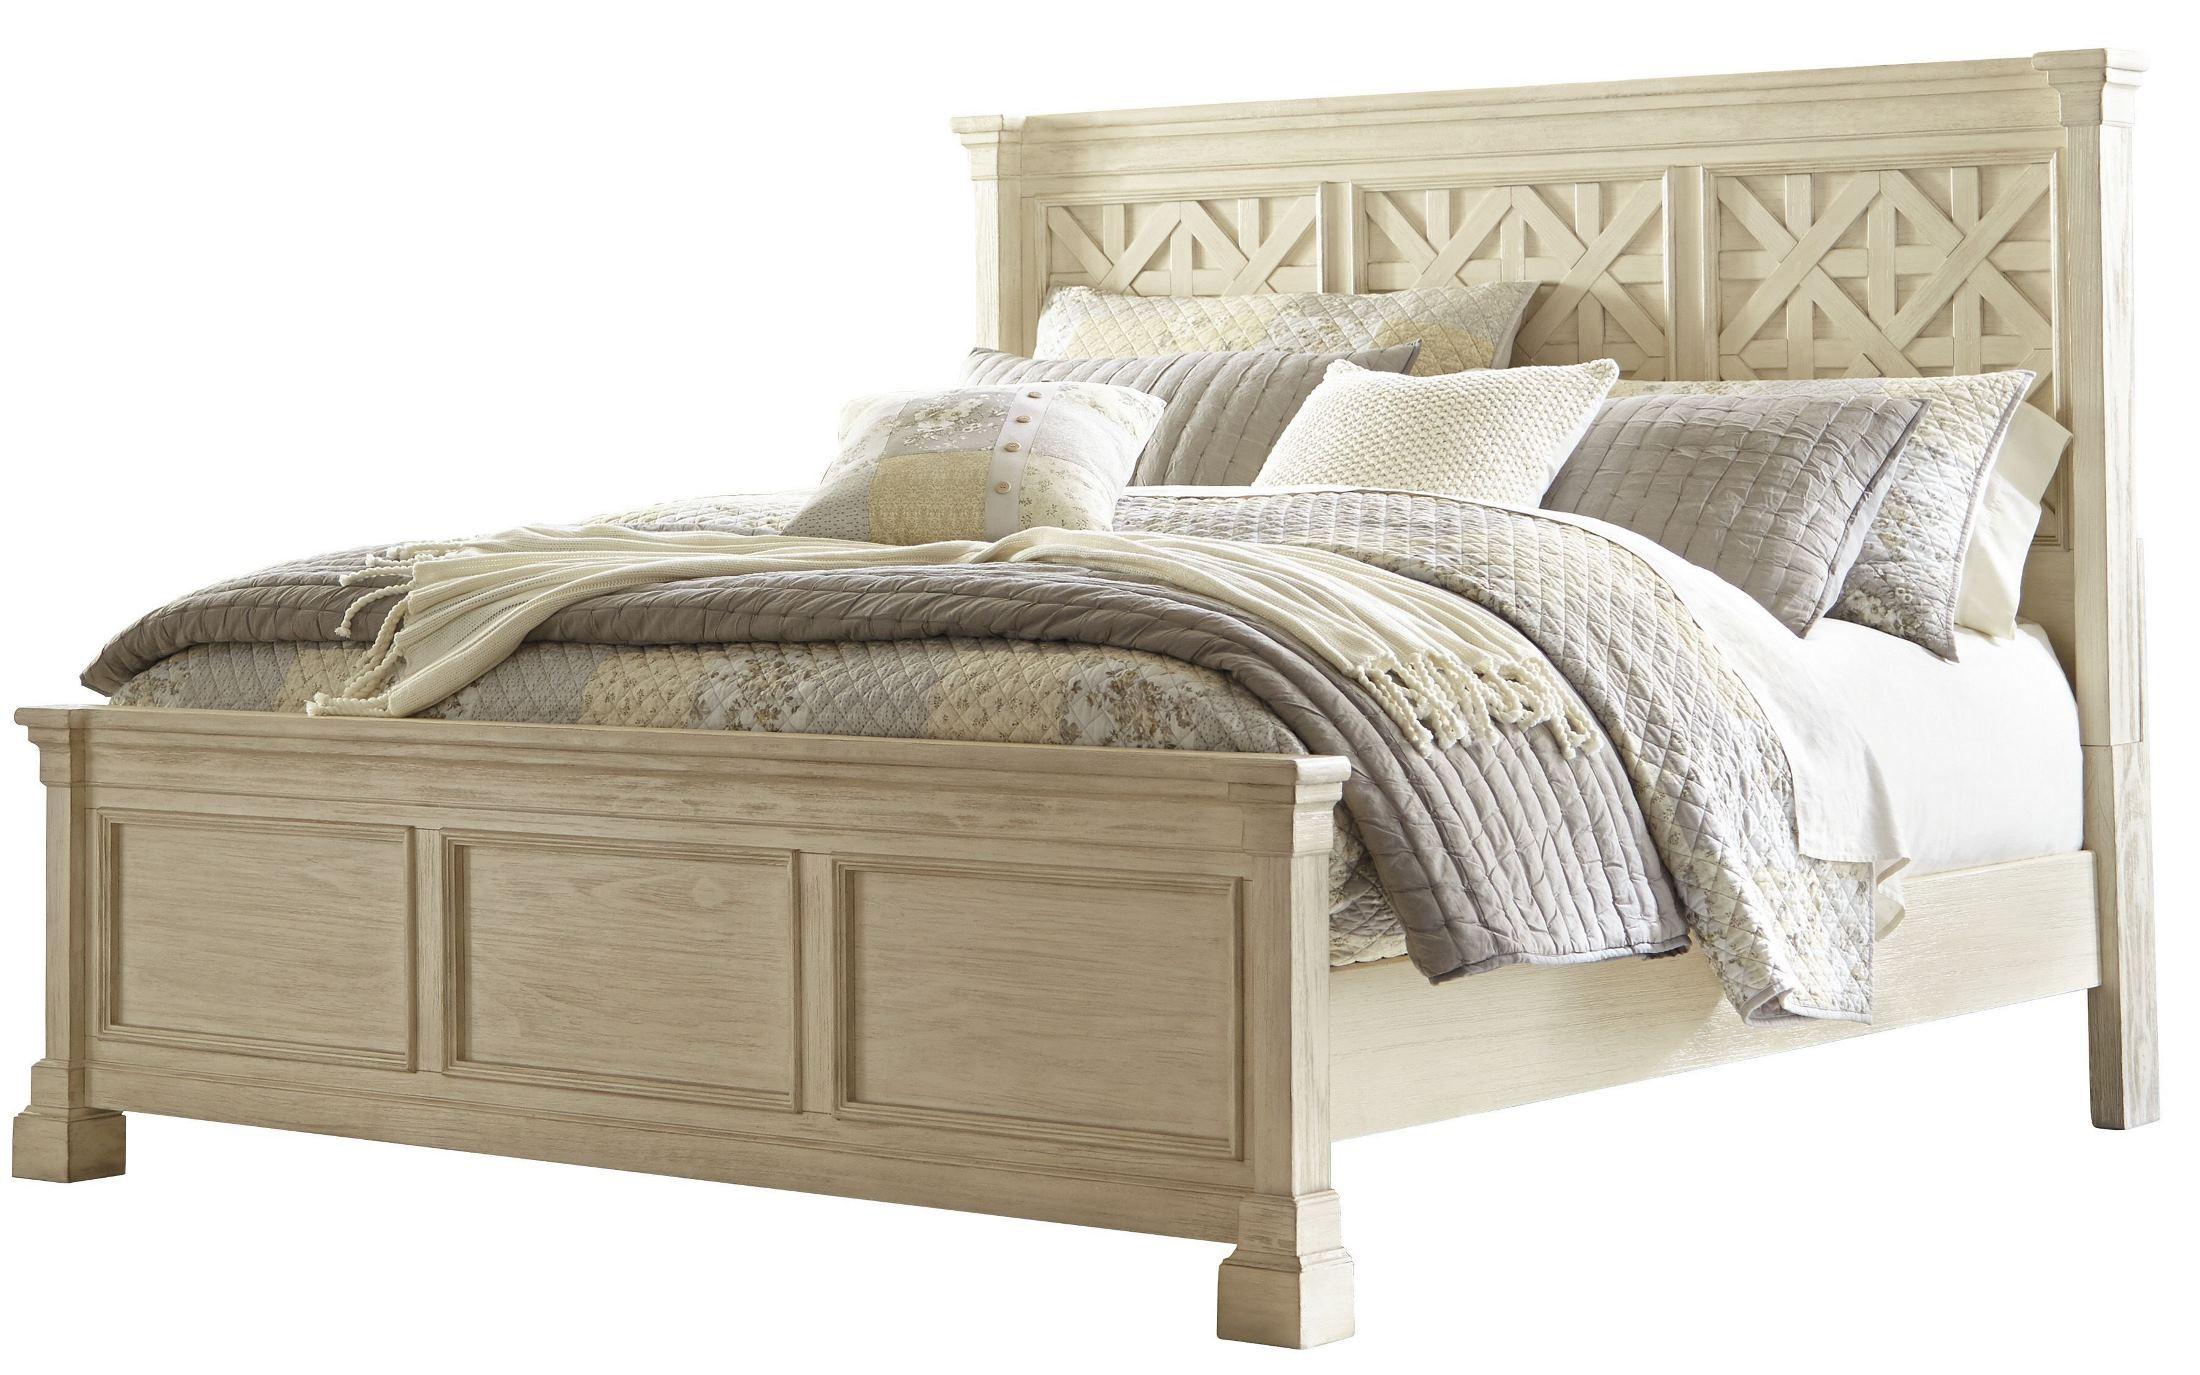 Bolanburg White Louvered Panel Bedroom Set, B647 54 77 96 ...